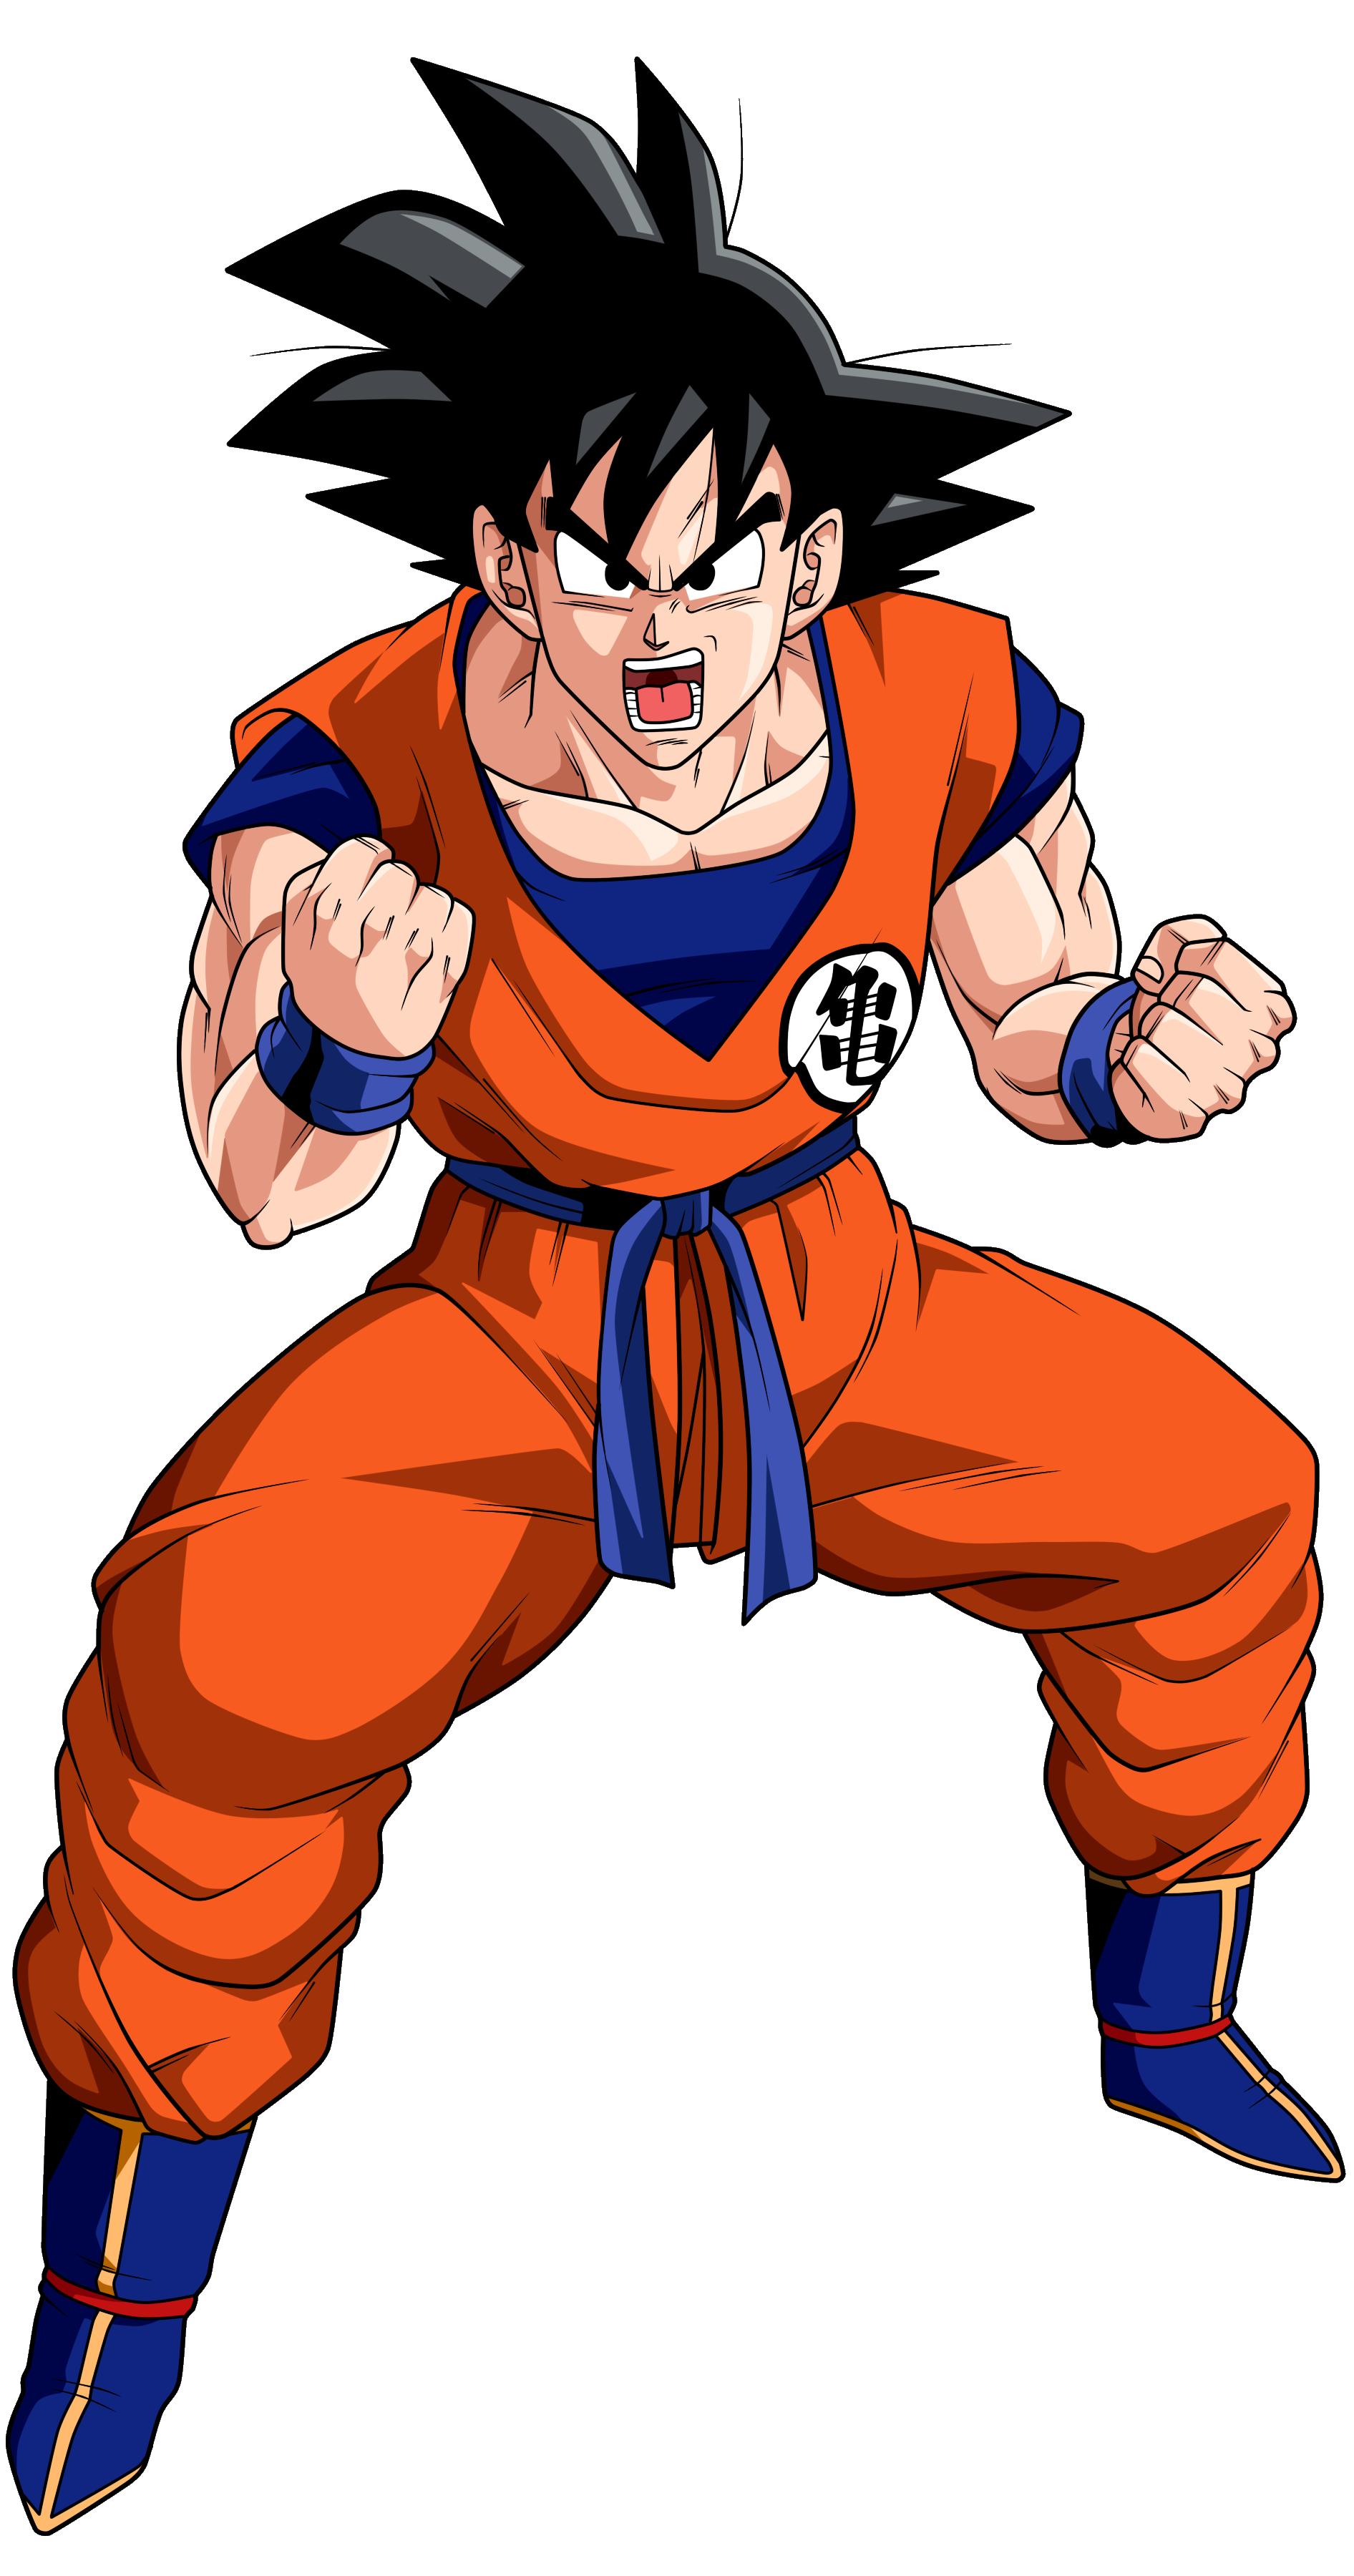 Goku doblaje wiki fandom powered by wikia - Dessin manga dragon ball z ...